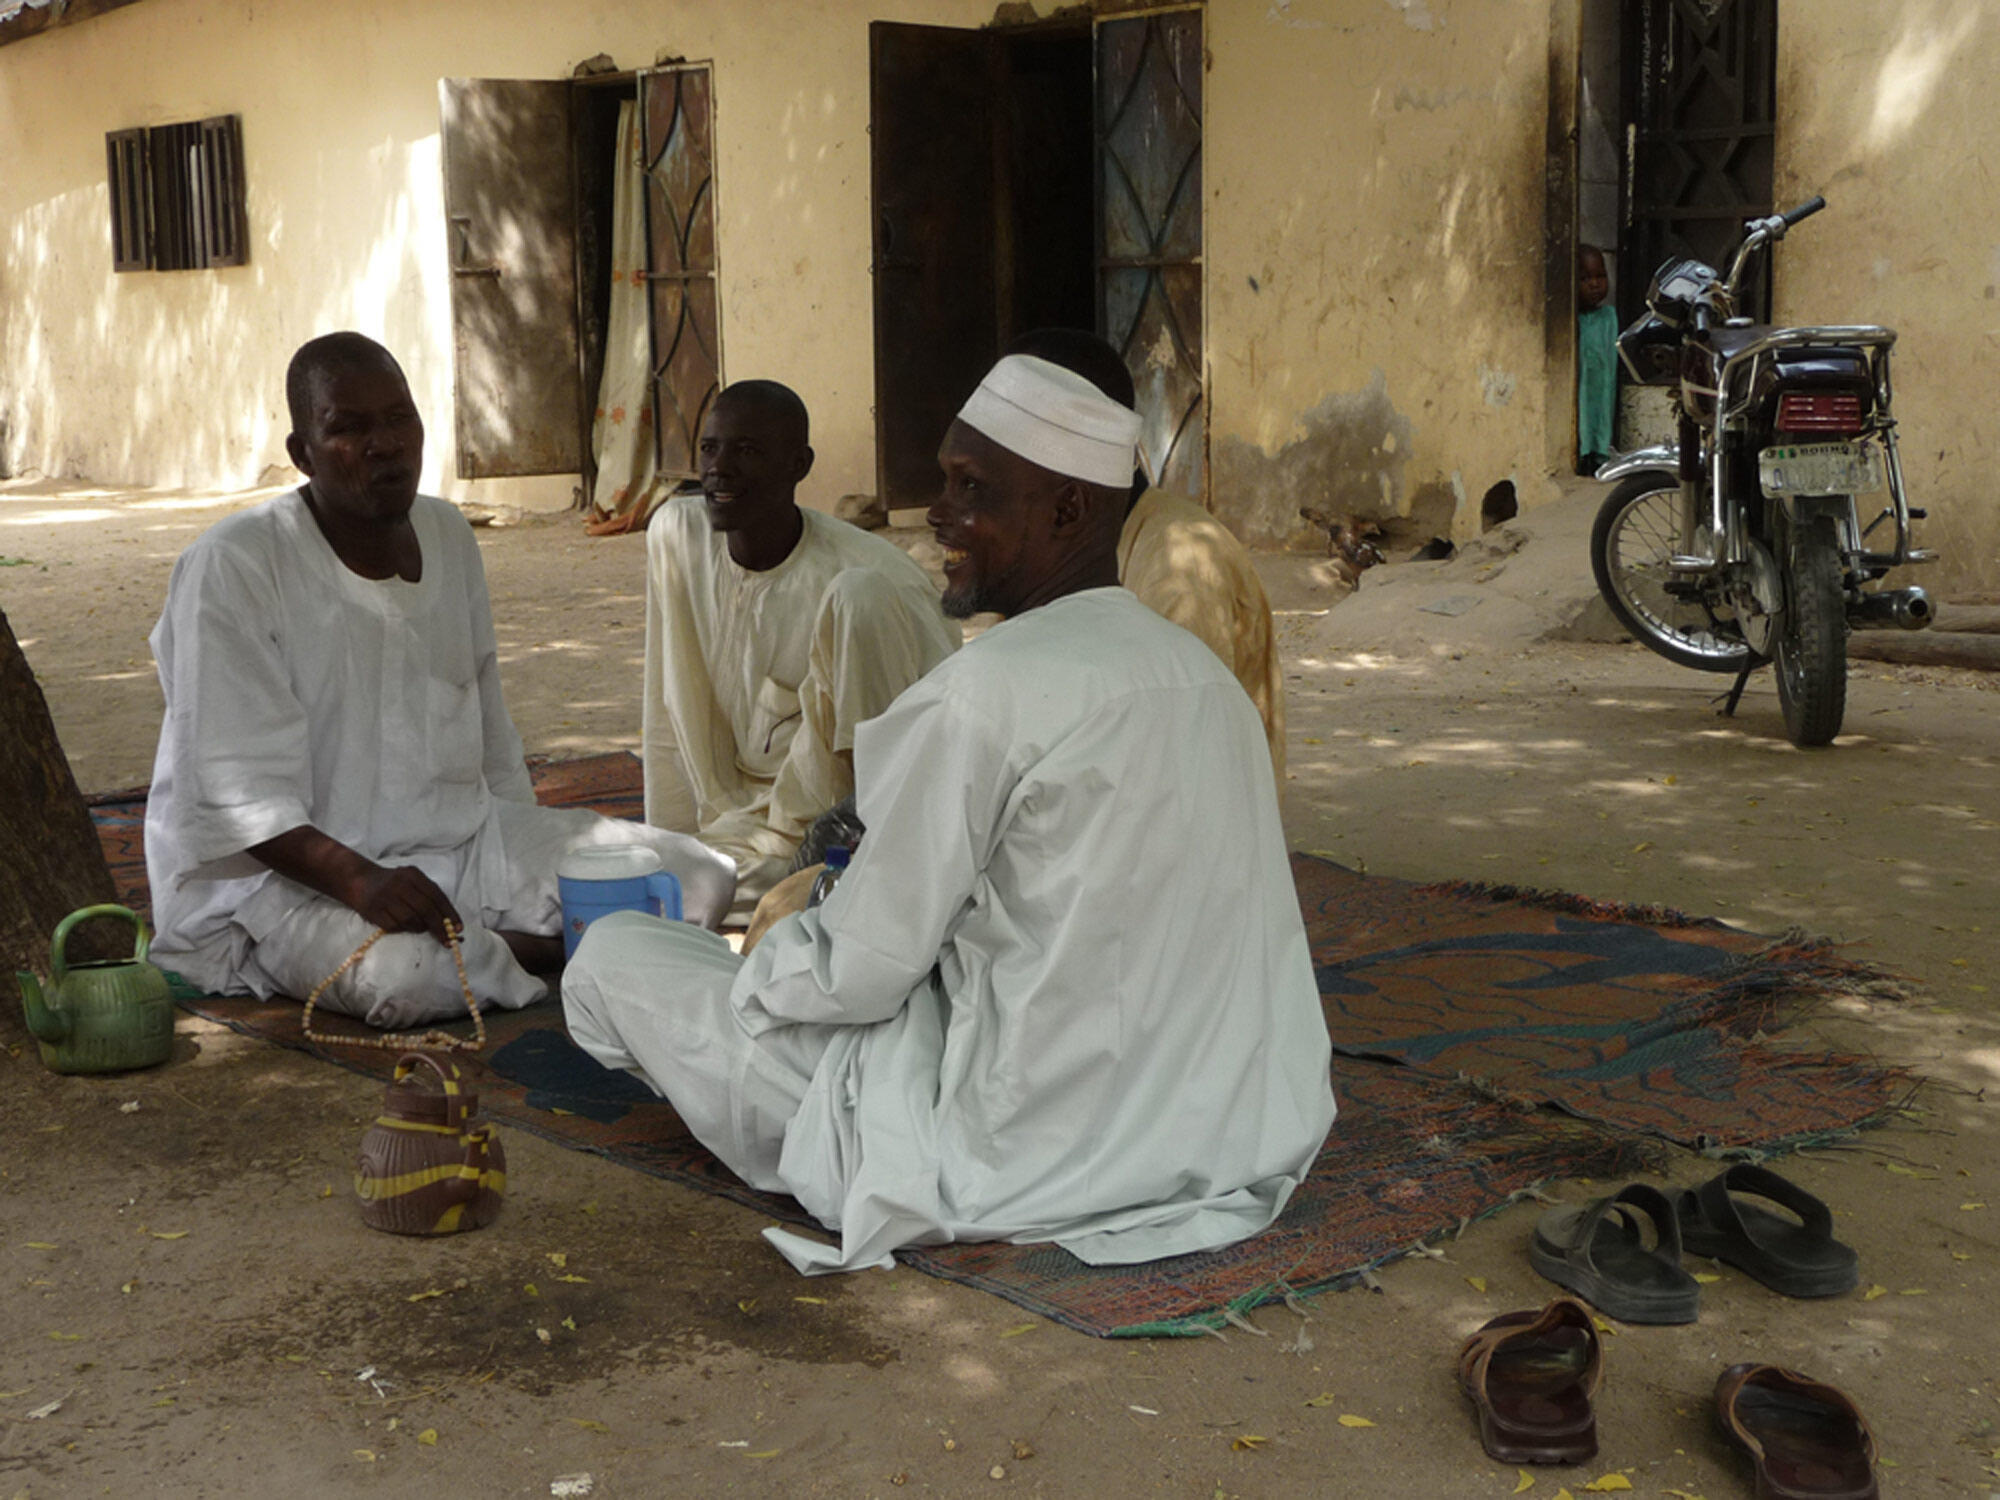 Des hommes assis sur des nattes dans un quartier populaire de Maiduguri.